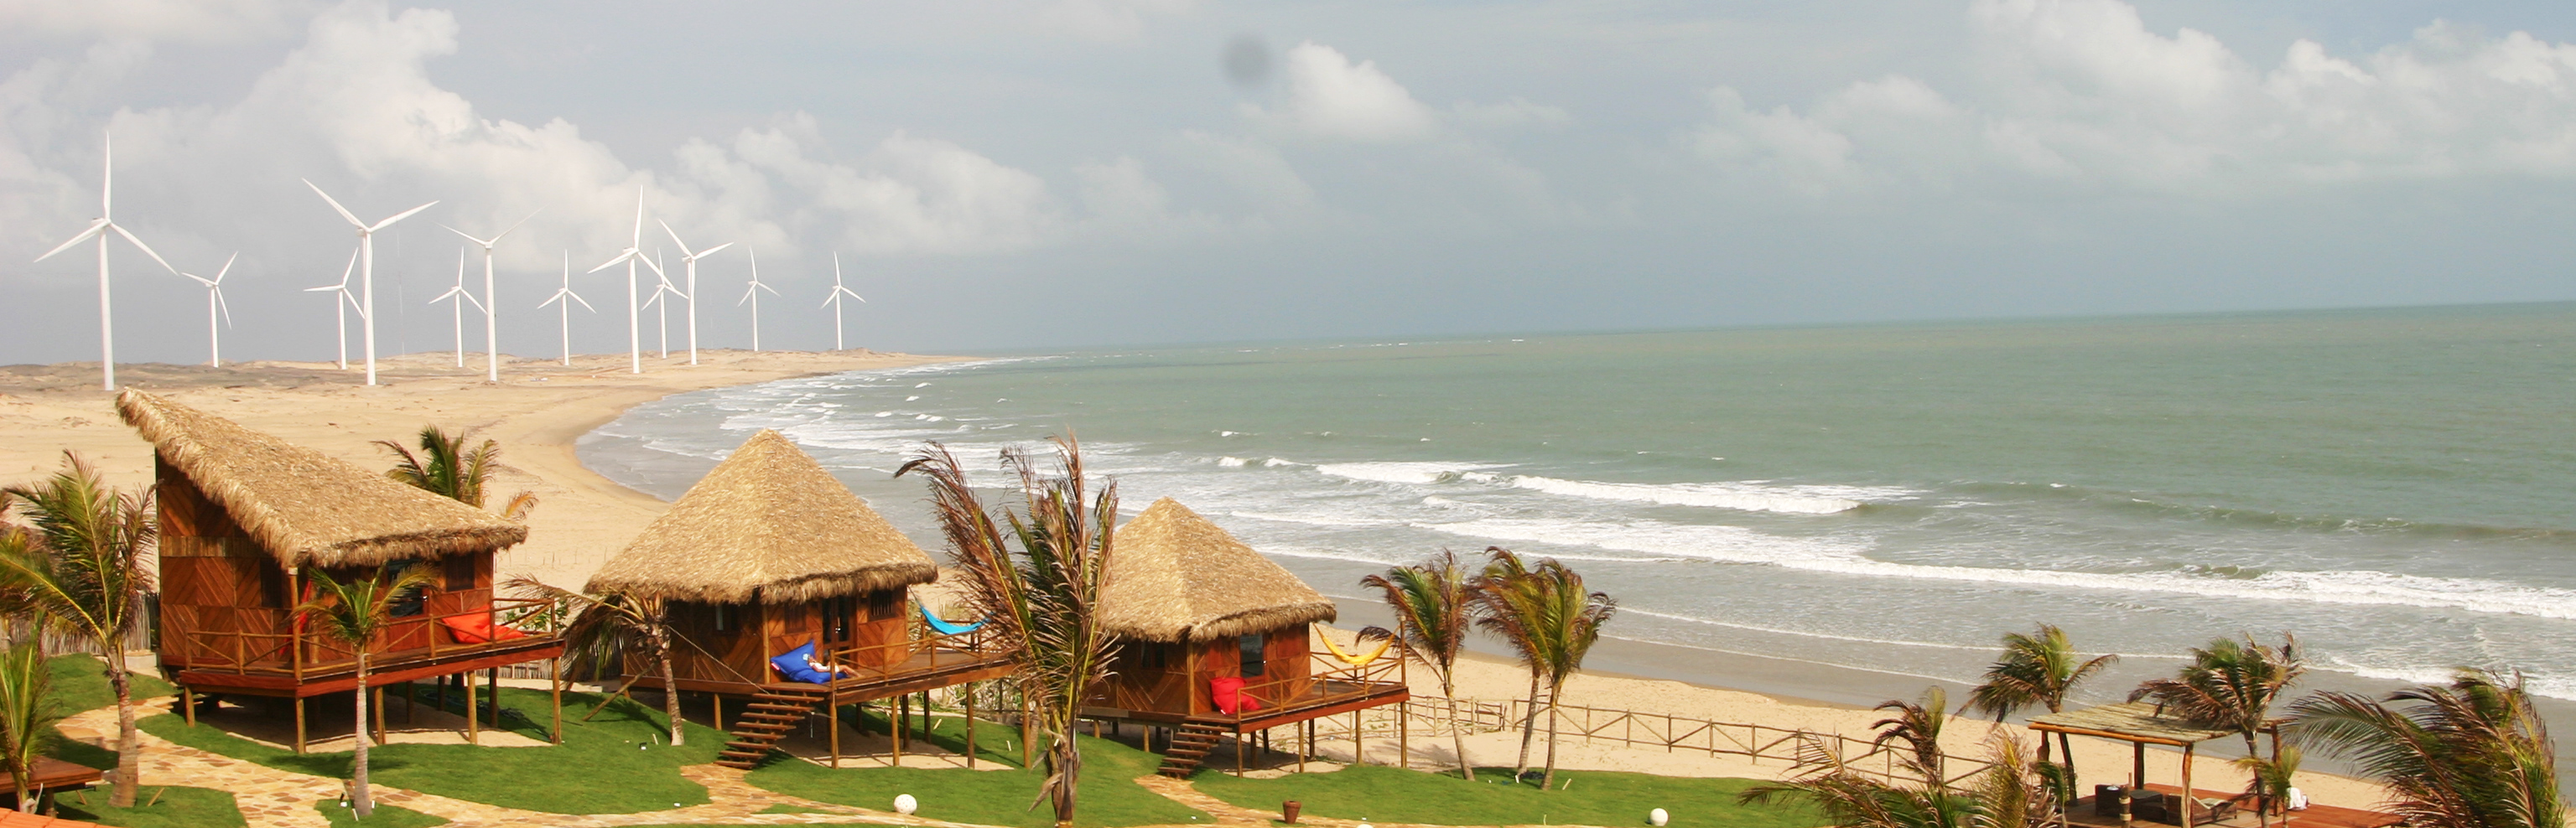 VISITE ICARAIZINHO DE AMONTADA, QUANDO A QUARENTENA ACABAR! Reserve o Villa Mango Beach Bungalows